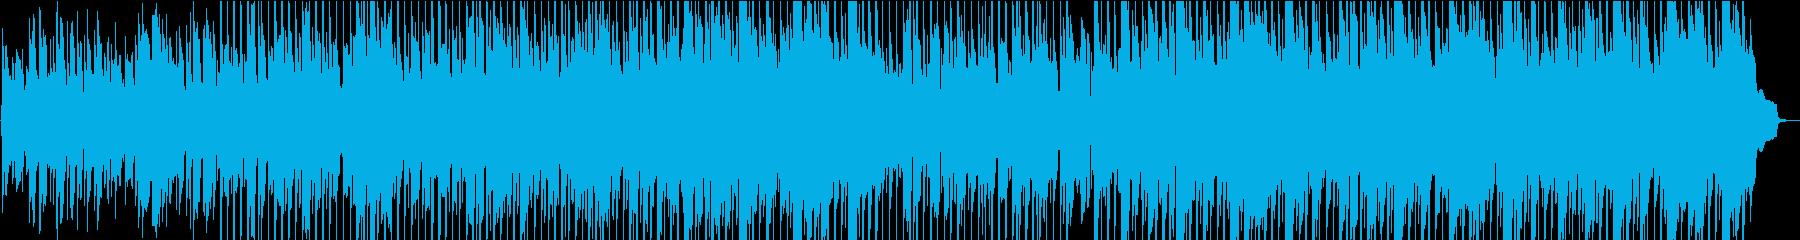 美しい民俗音楽の再生済みの波形